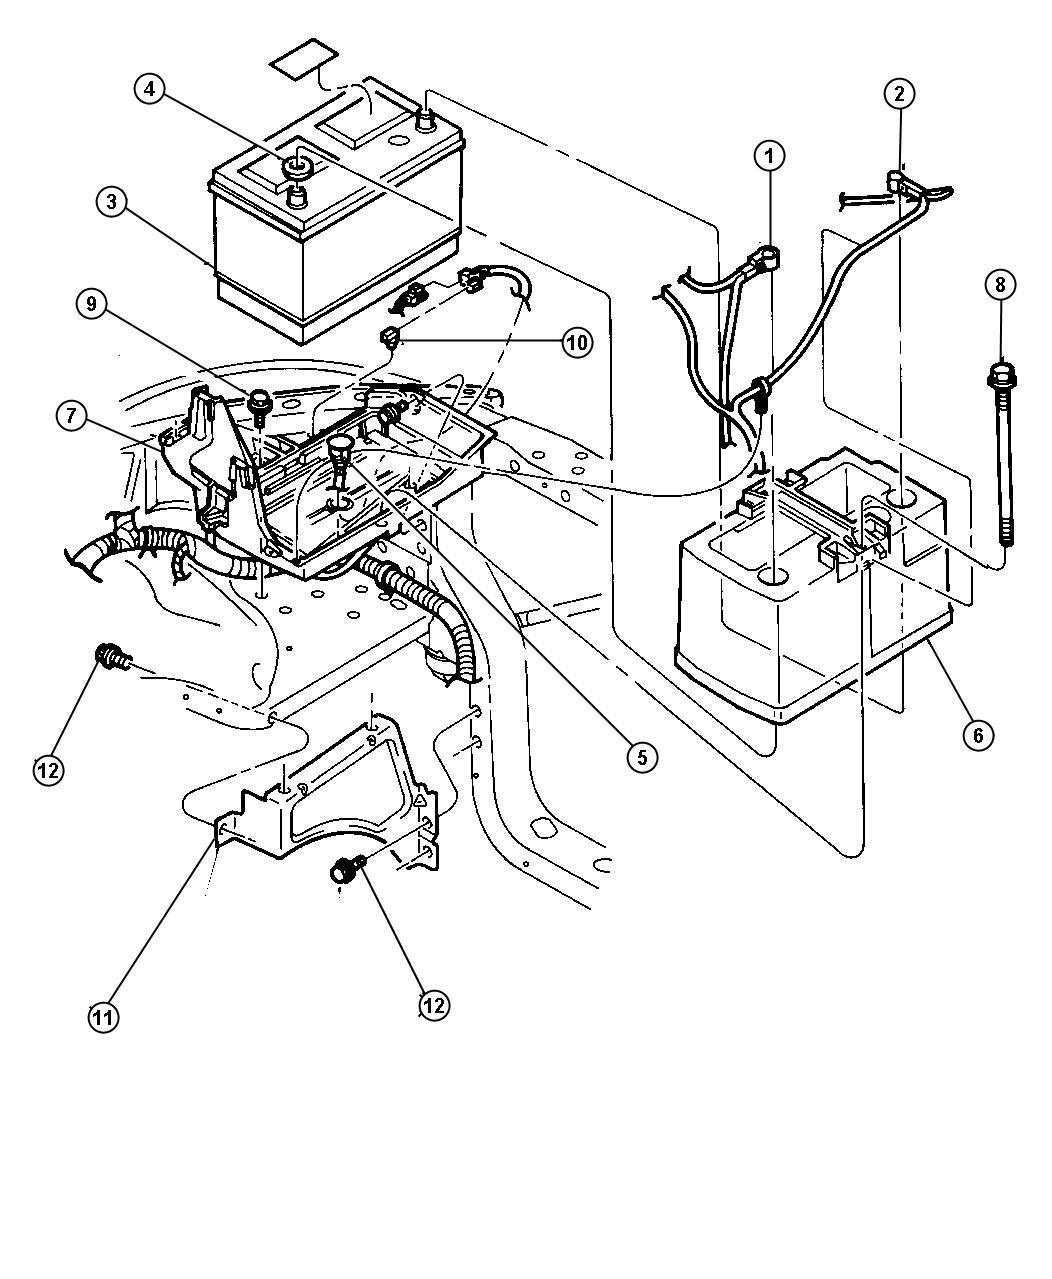 1997 dodge dakota tach wiring diagram 2002 ram 1500 magnum 5 2l smpi v8 4 spd automatic